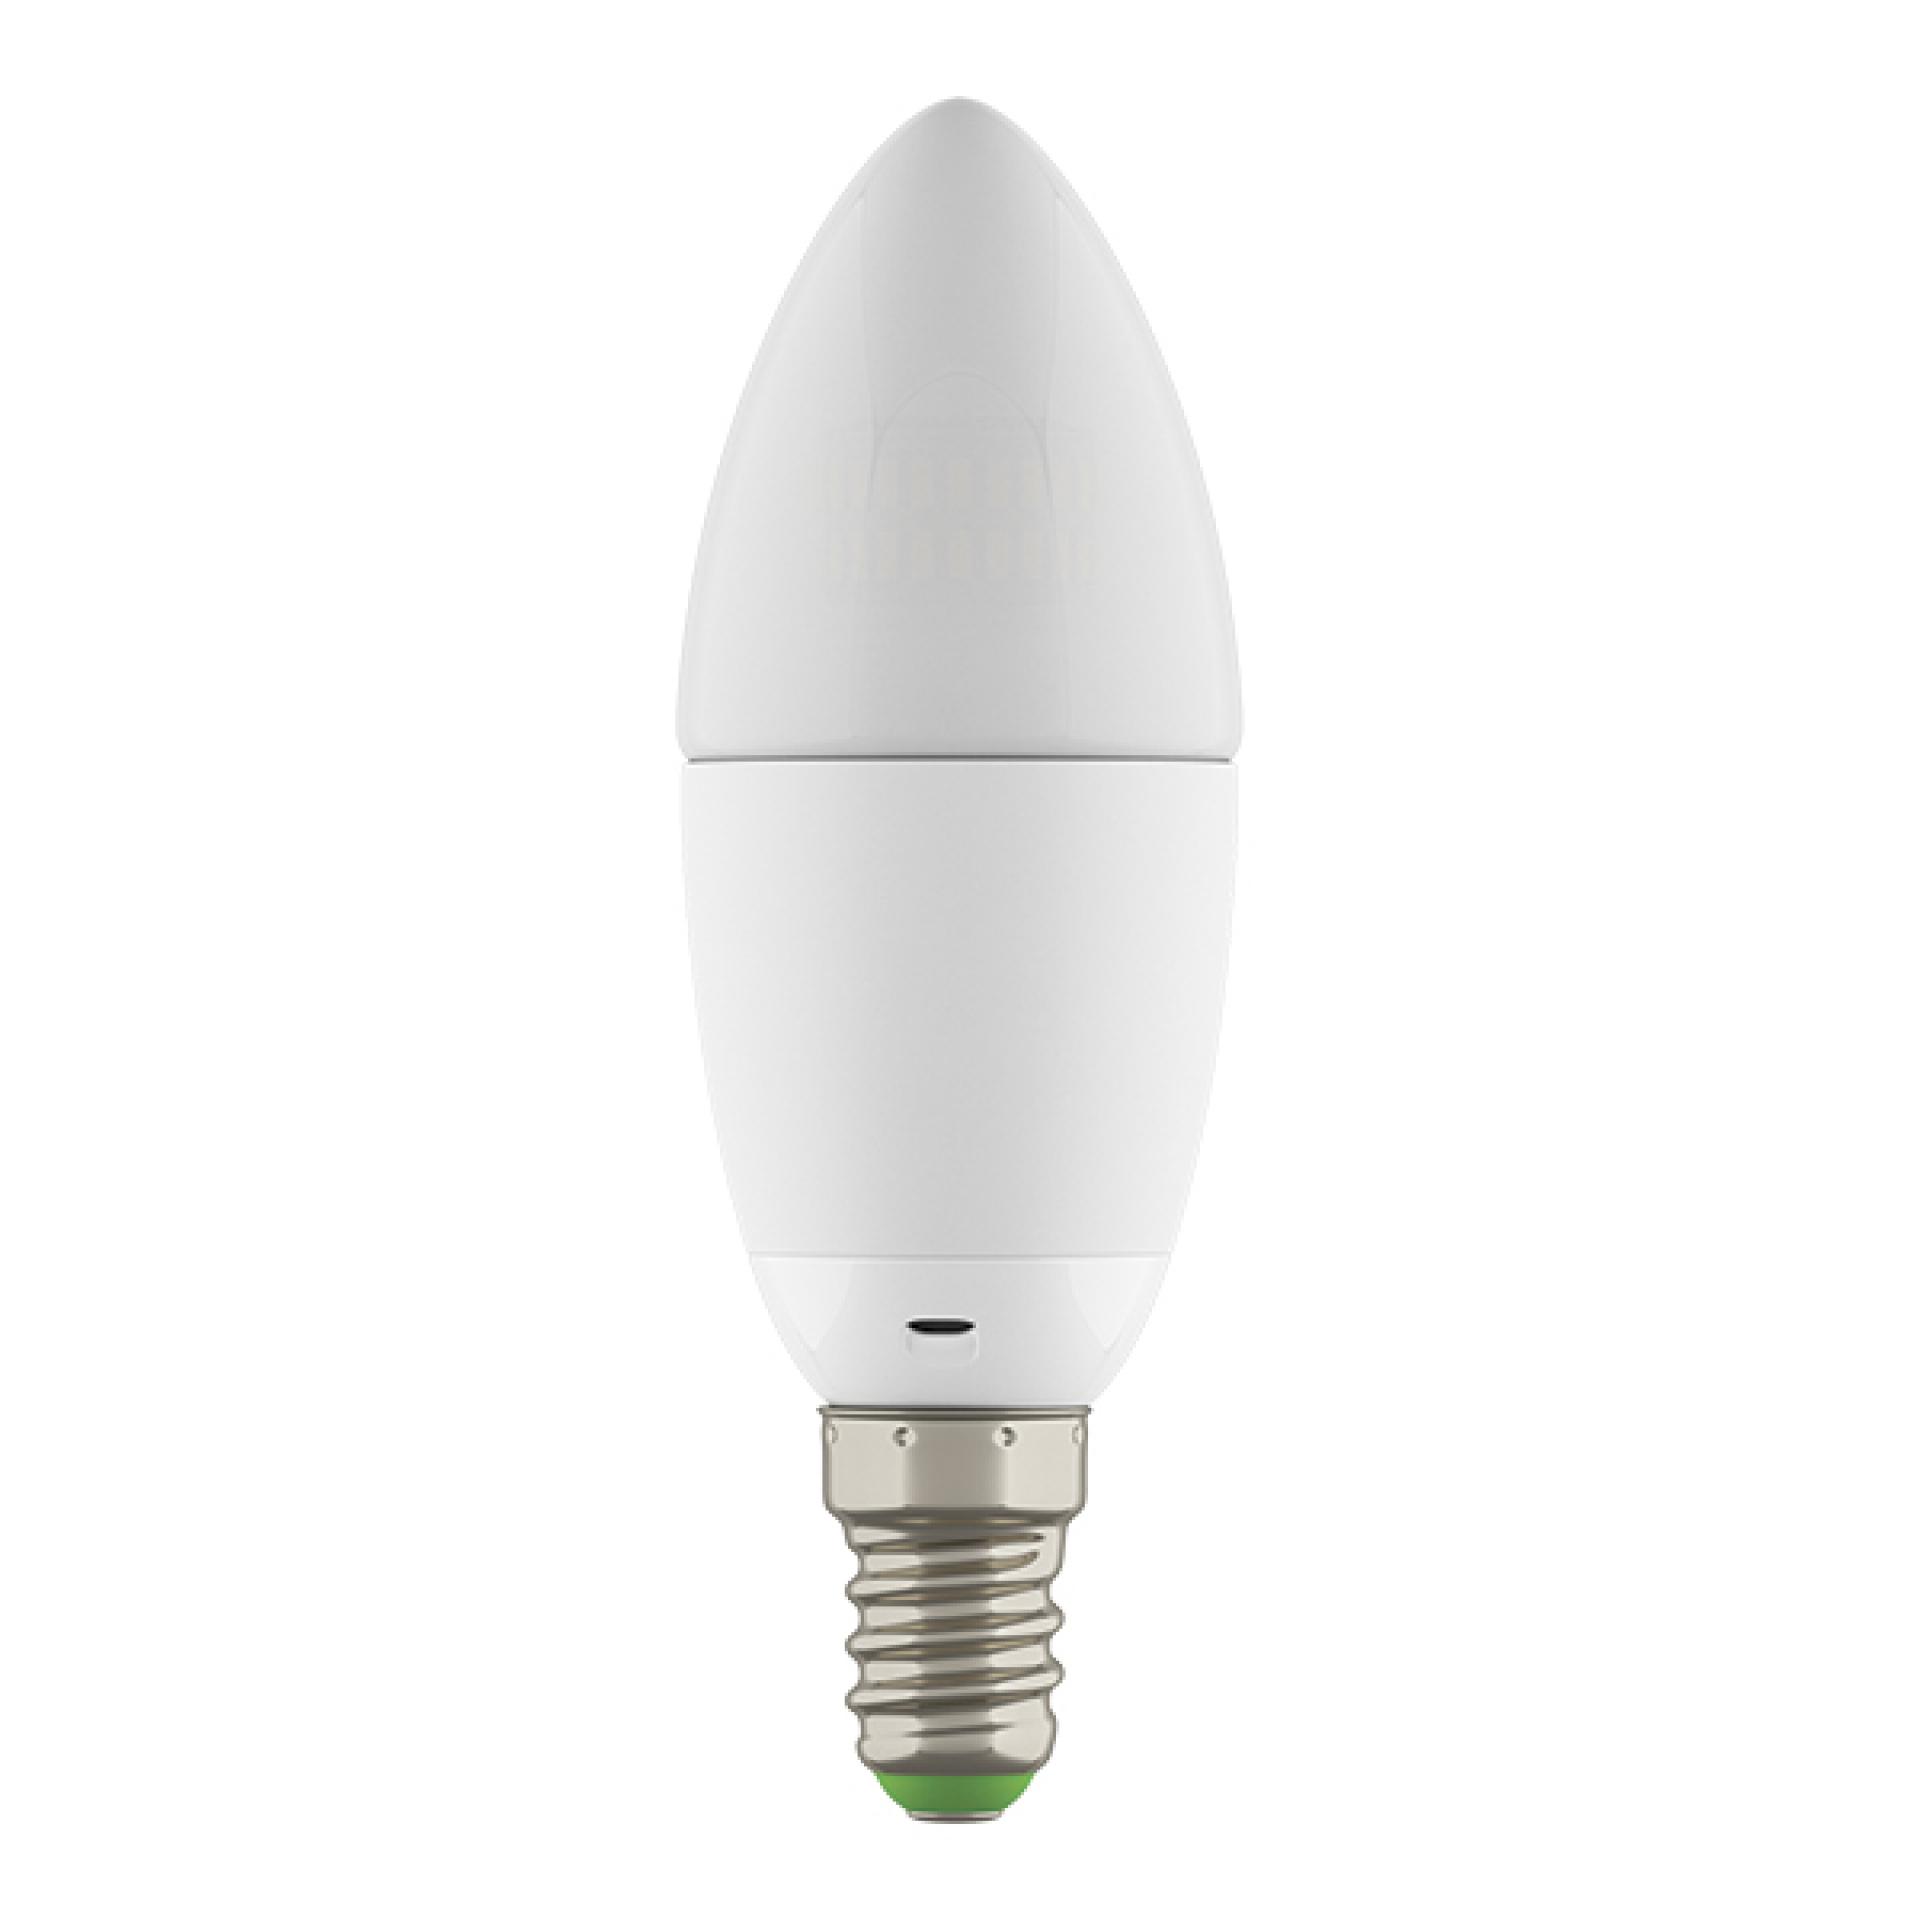 Лампа LED 220V C35 E14 6W=60W 360G WH 2800-3000K 20000H DIMM Lightstar 931502, купить в СПб, Москве, с доставкой, Санкт-Петербург, интернет-магазин люстр и светильников Starlight, фото в жизни